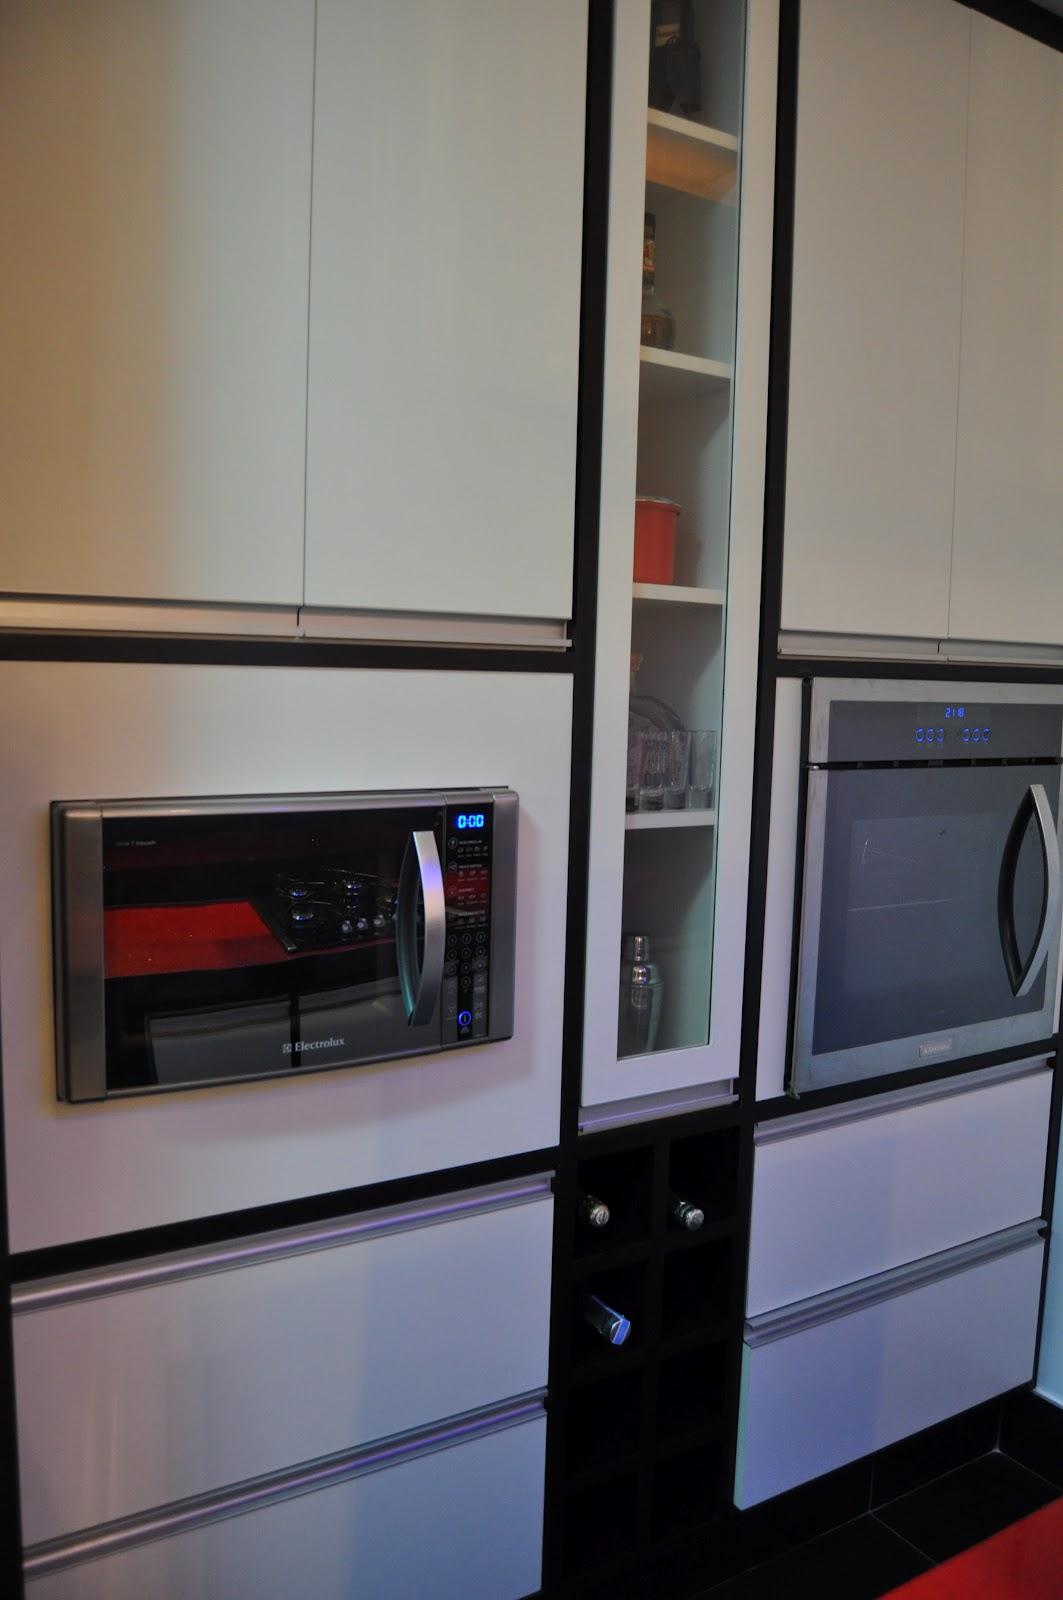 SP Projeto e Execucao Designer Anizio Monteiro: Cozinha e Lavanderia #692C27 1063 1600